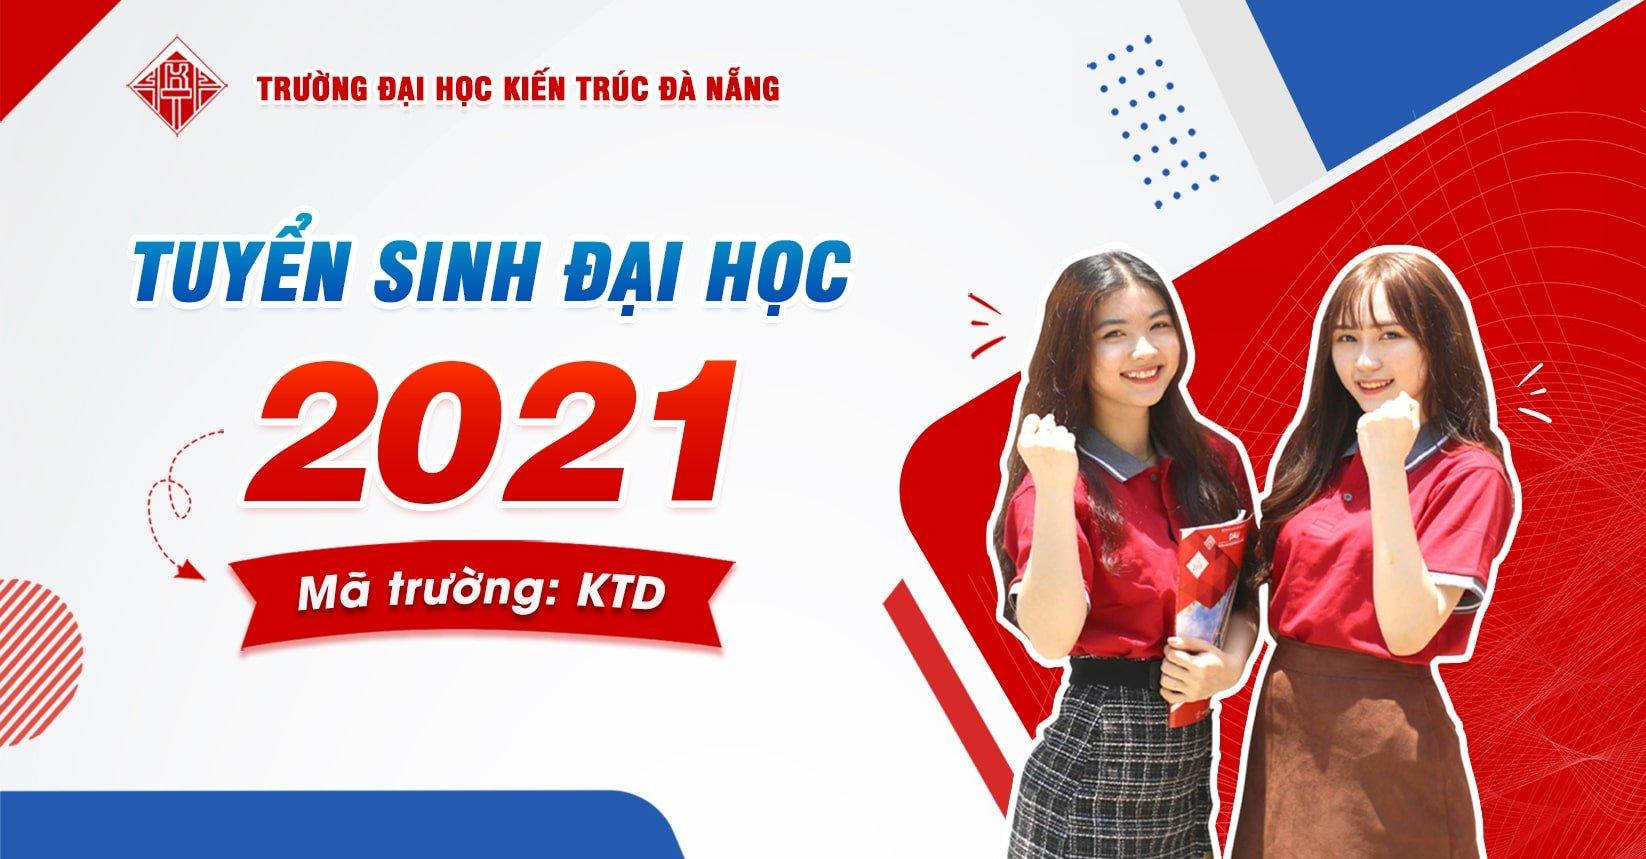 Trường Đại học Kiến trúc Đà Nẵng thông báo phương án xét tuyển Đại học năm 2021